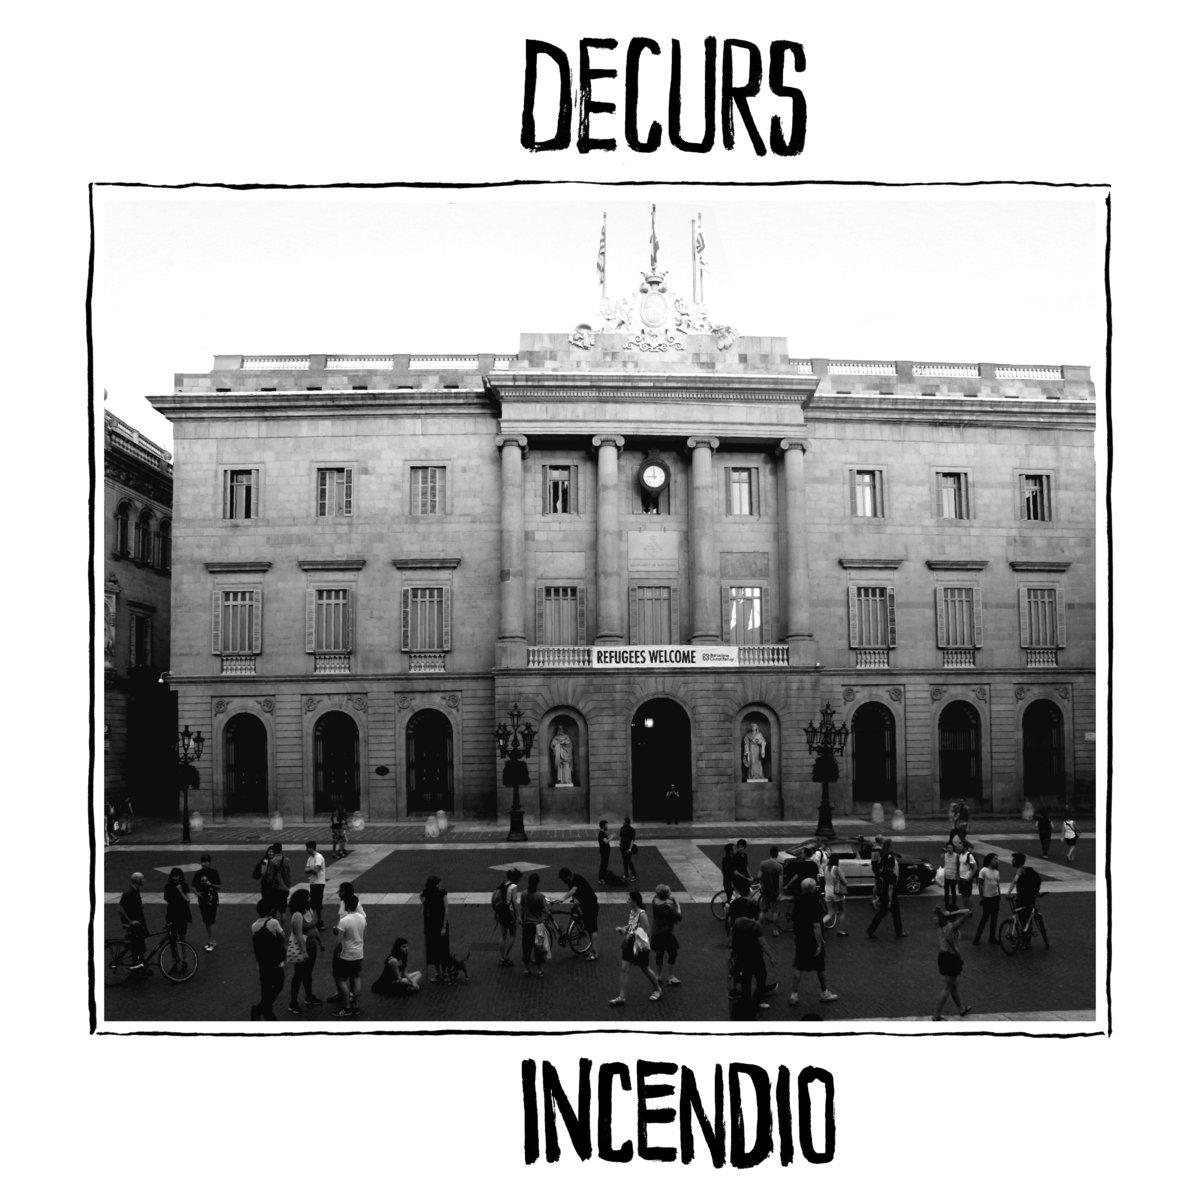 DECURS - Incendio